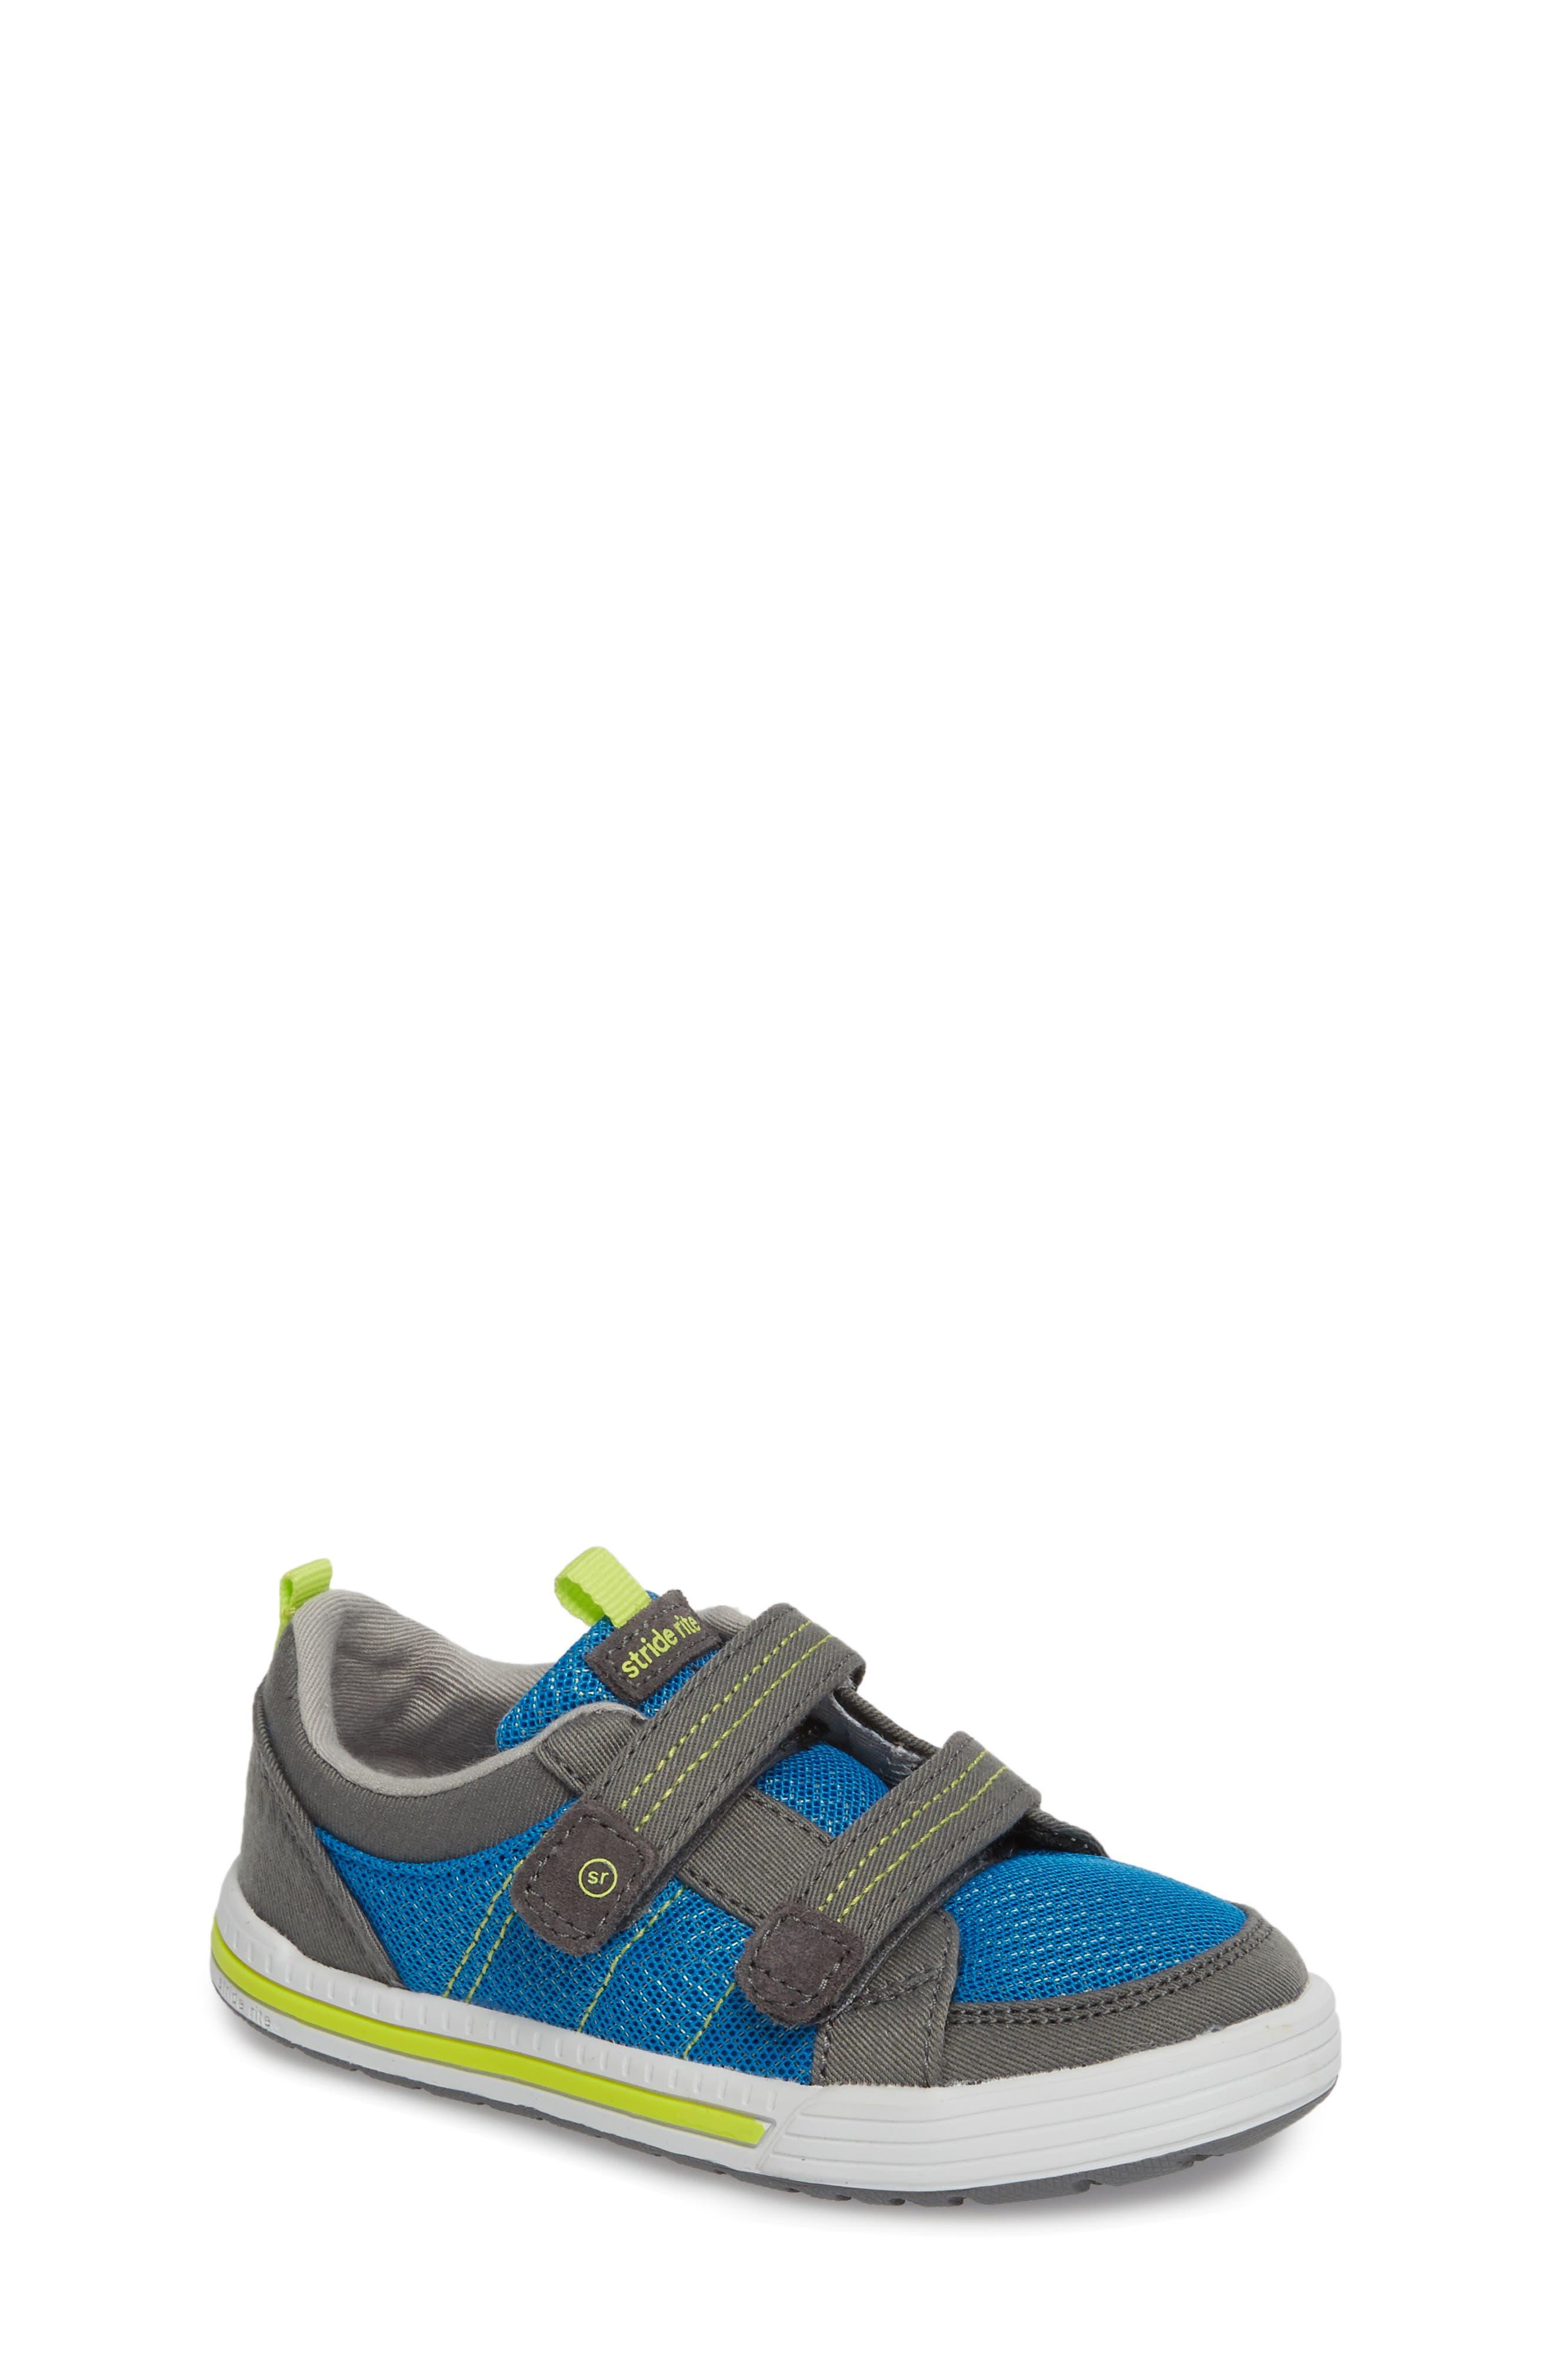 Logan Sneaker,                         Main,                         color, Blue/ Grey